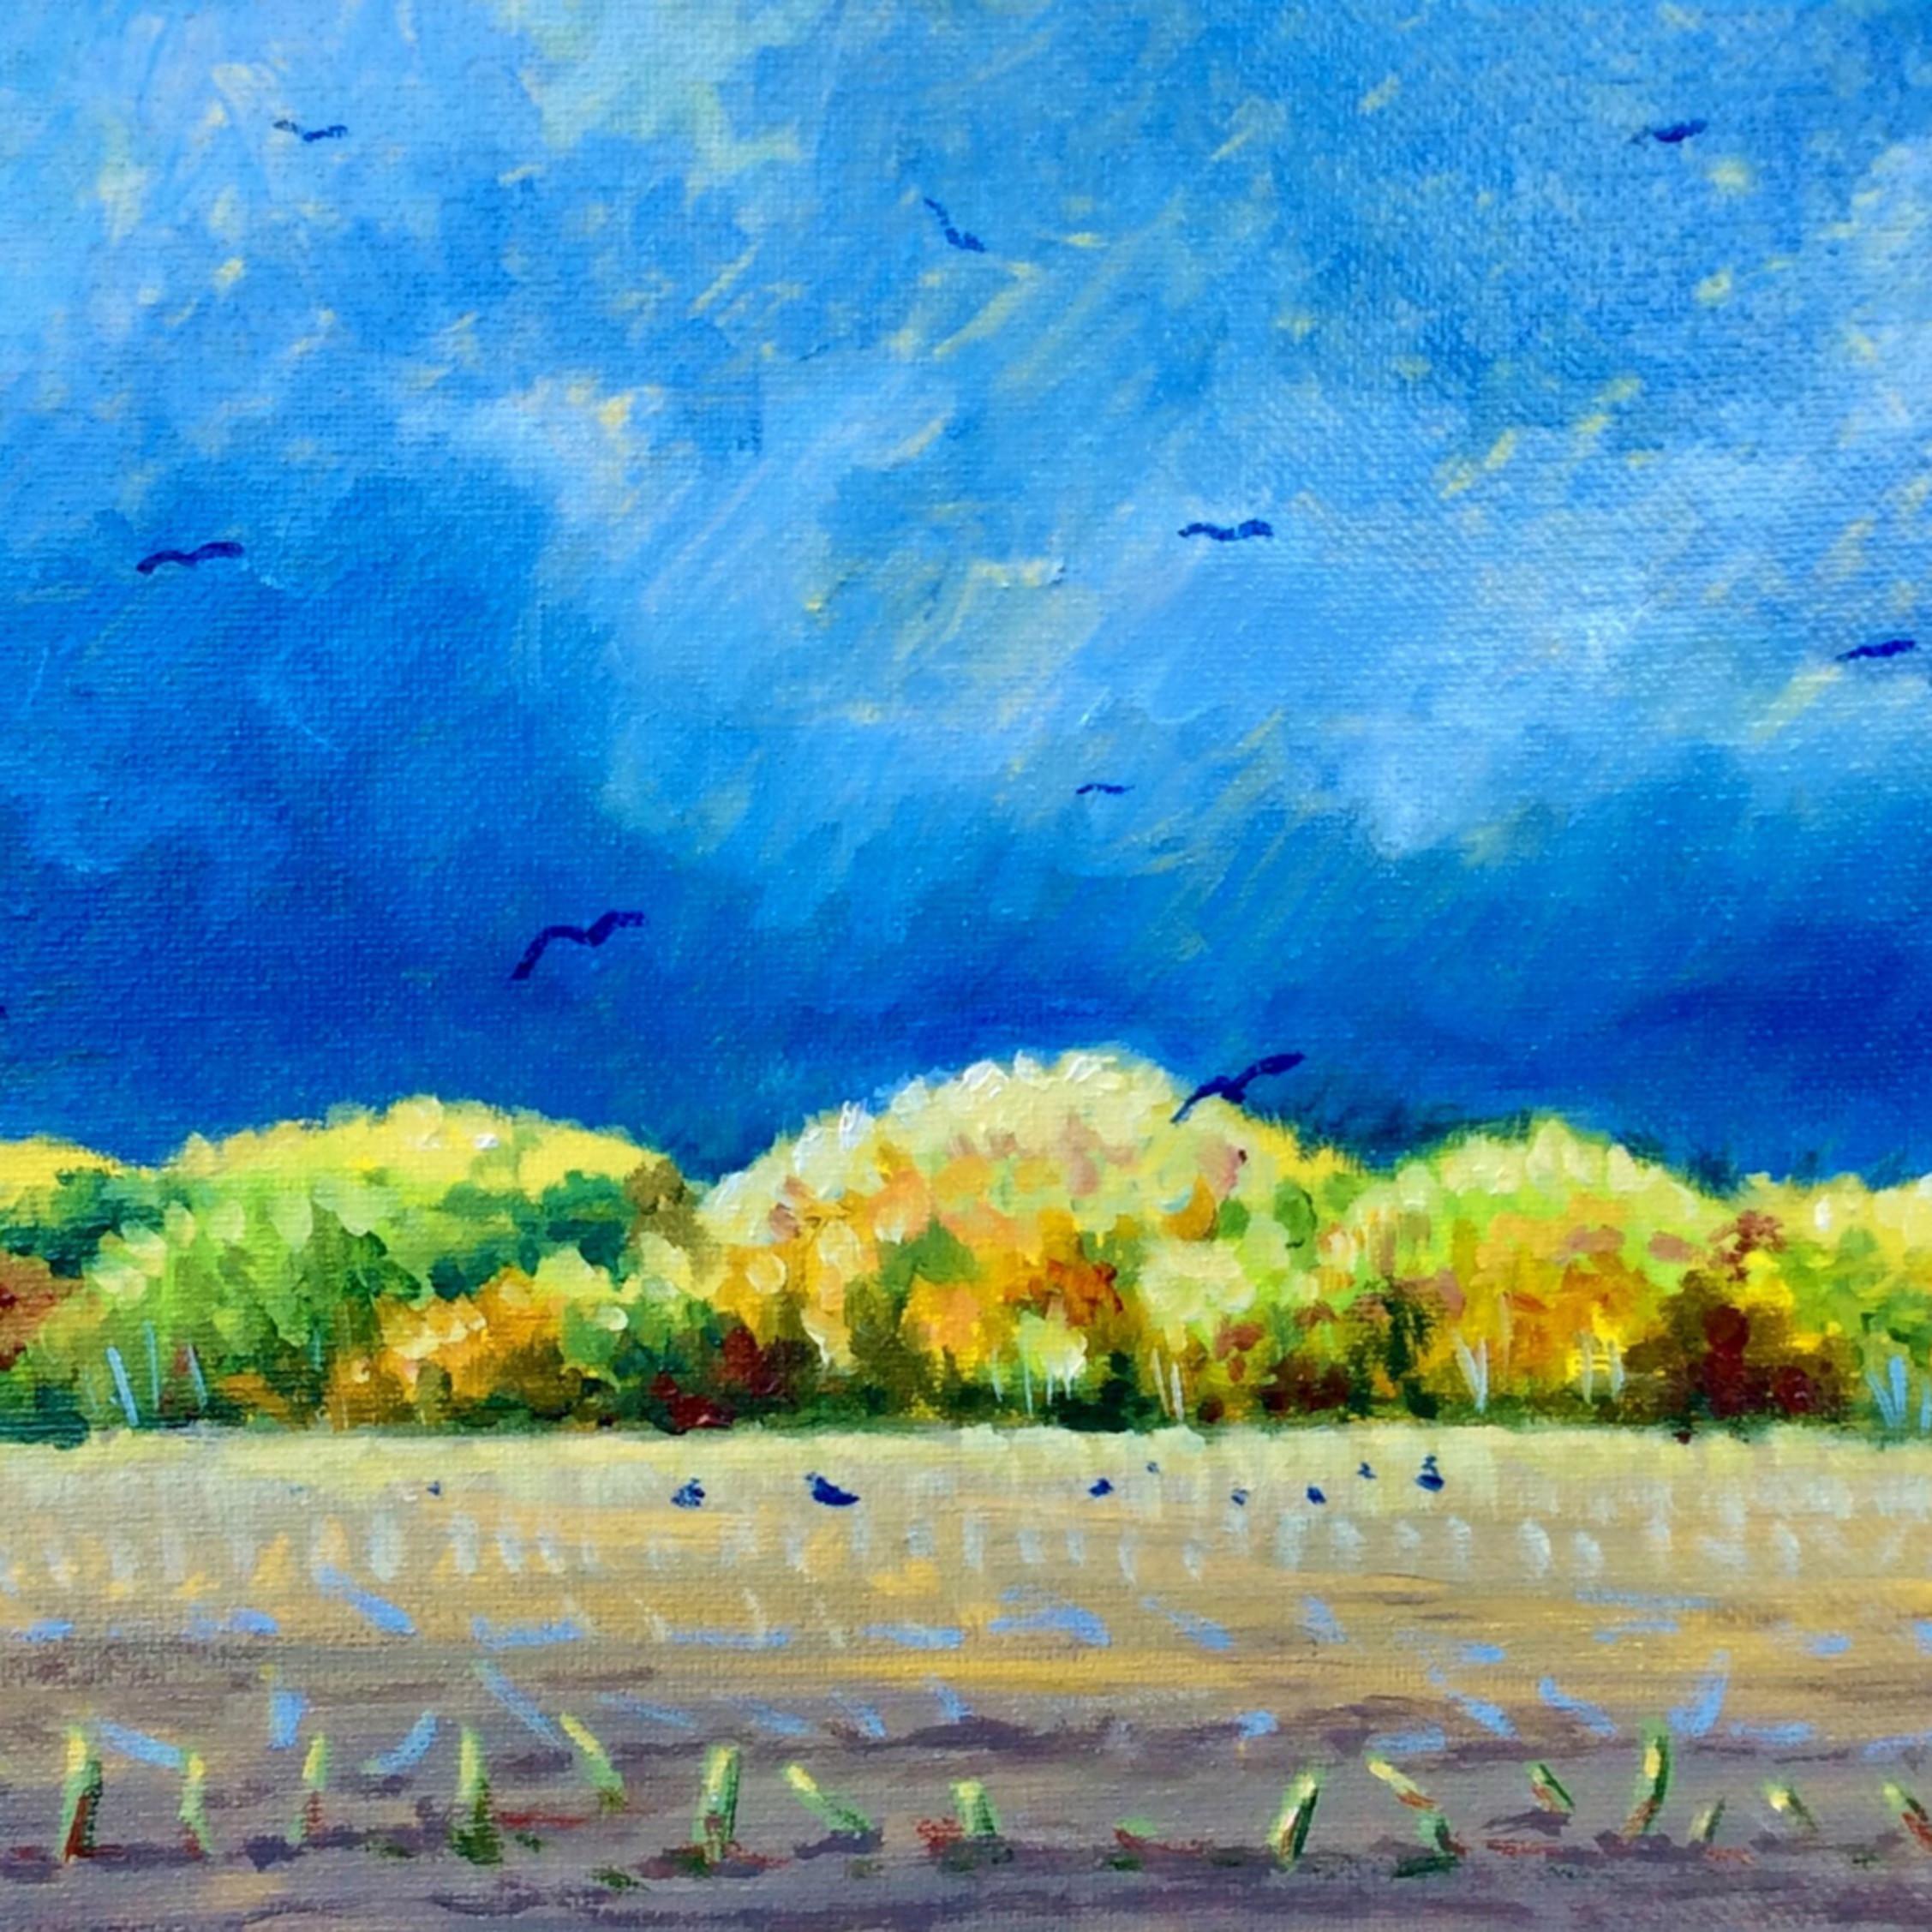 Asf 31 cornfieldbirds zqxkzc